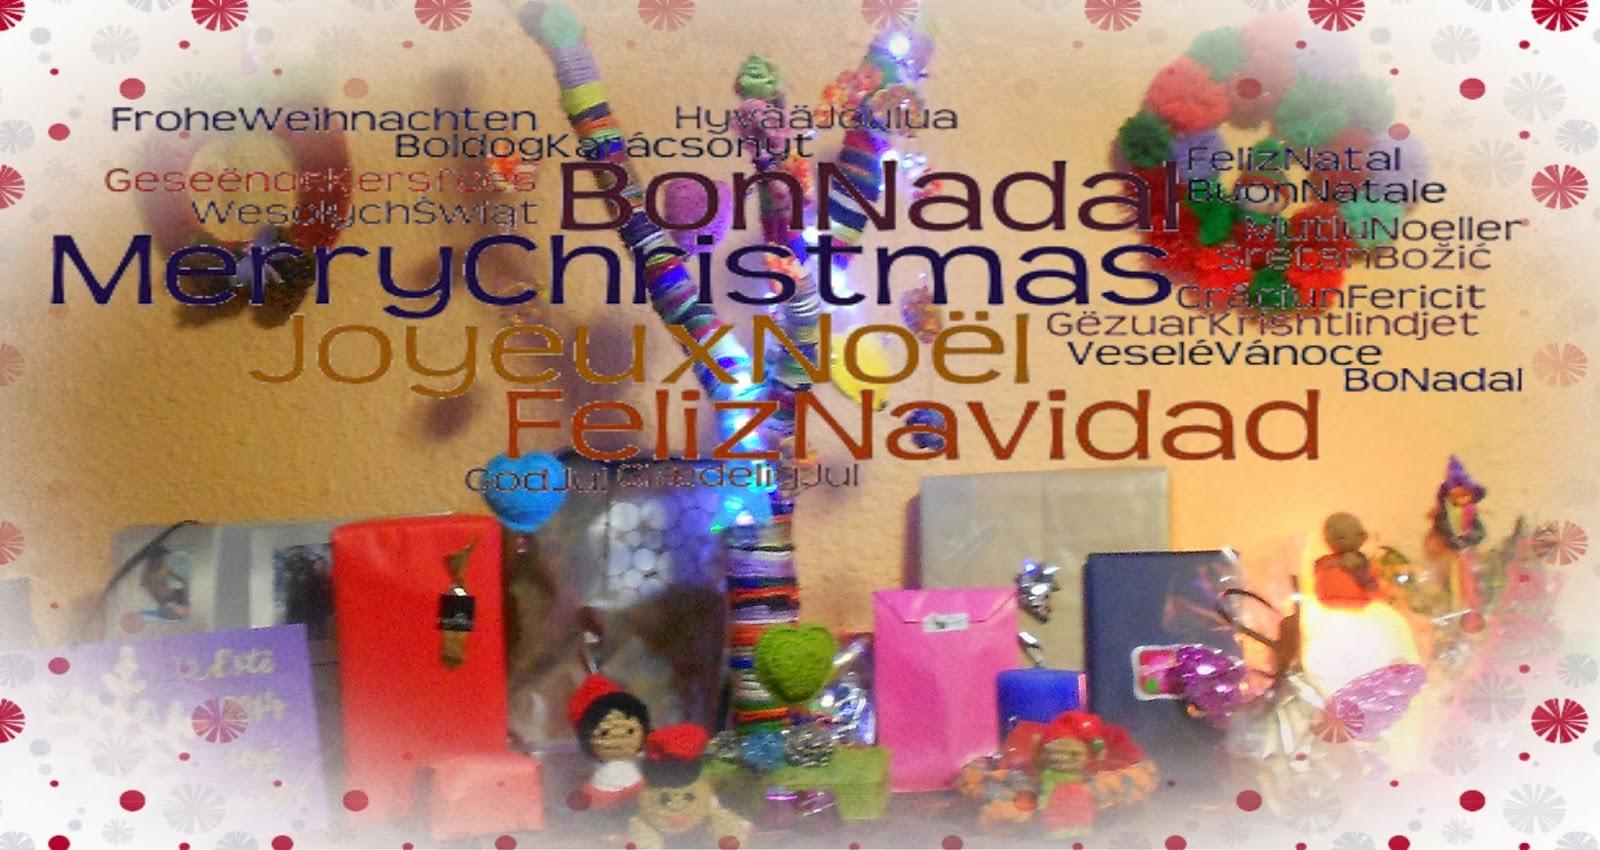 Kukinades cuento de navidad el arbol de navidad handmade - Cuento del arbol de navidad ...